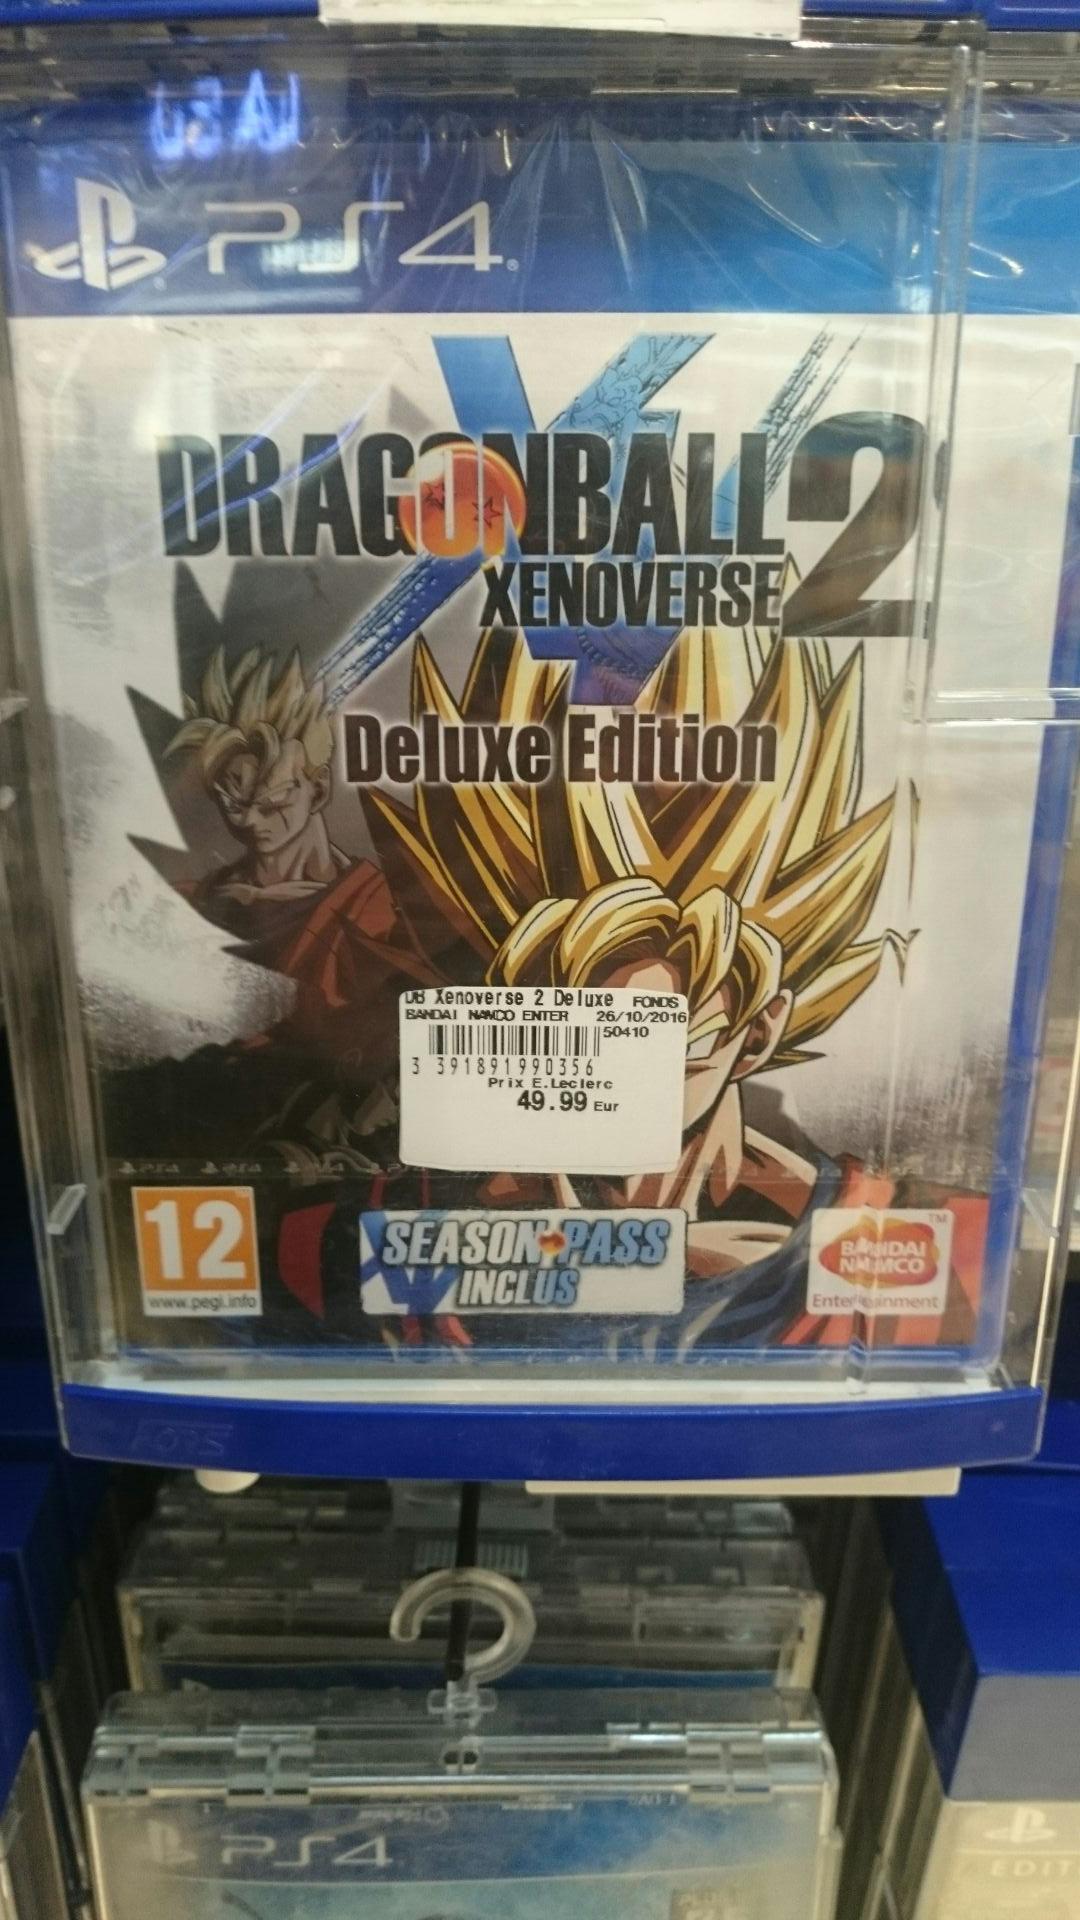 Jeu Dragon ball Xenoverse 2 sur PS4 - deluxe edition